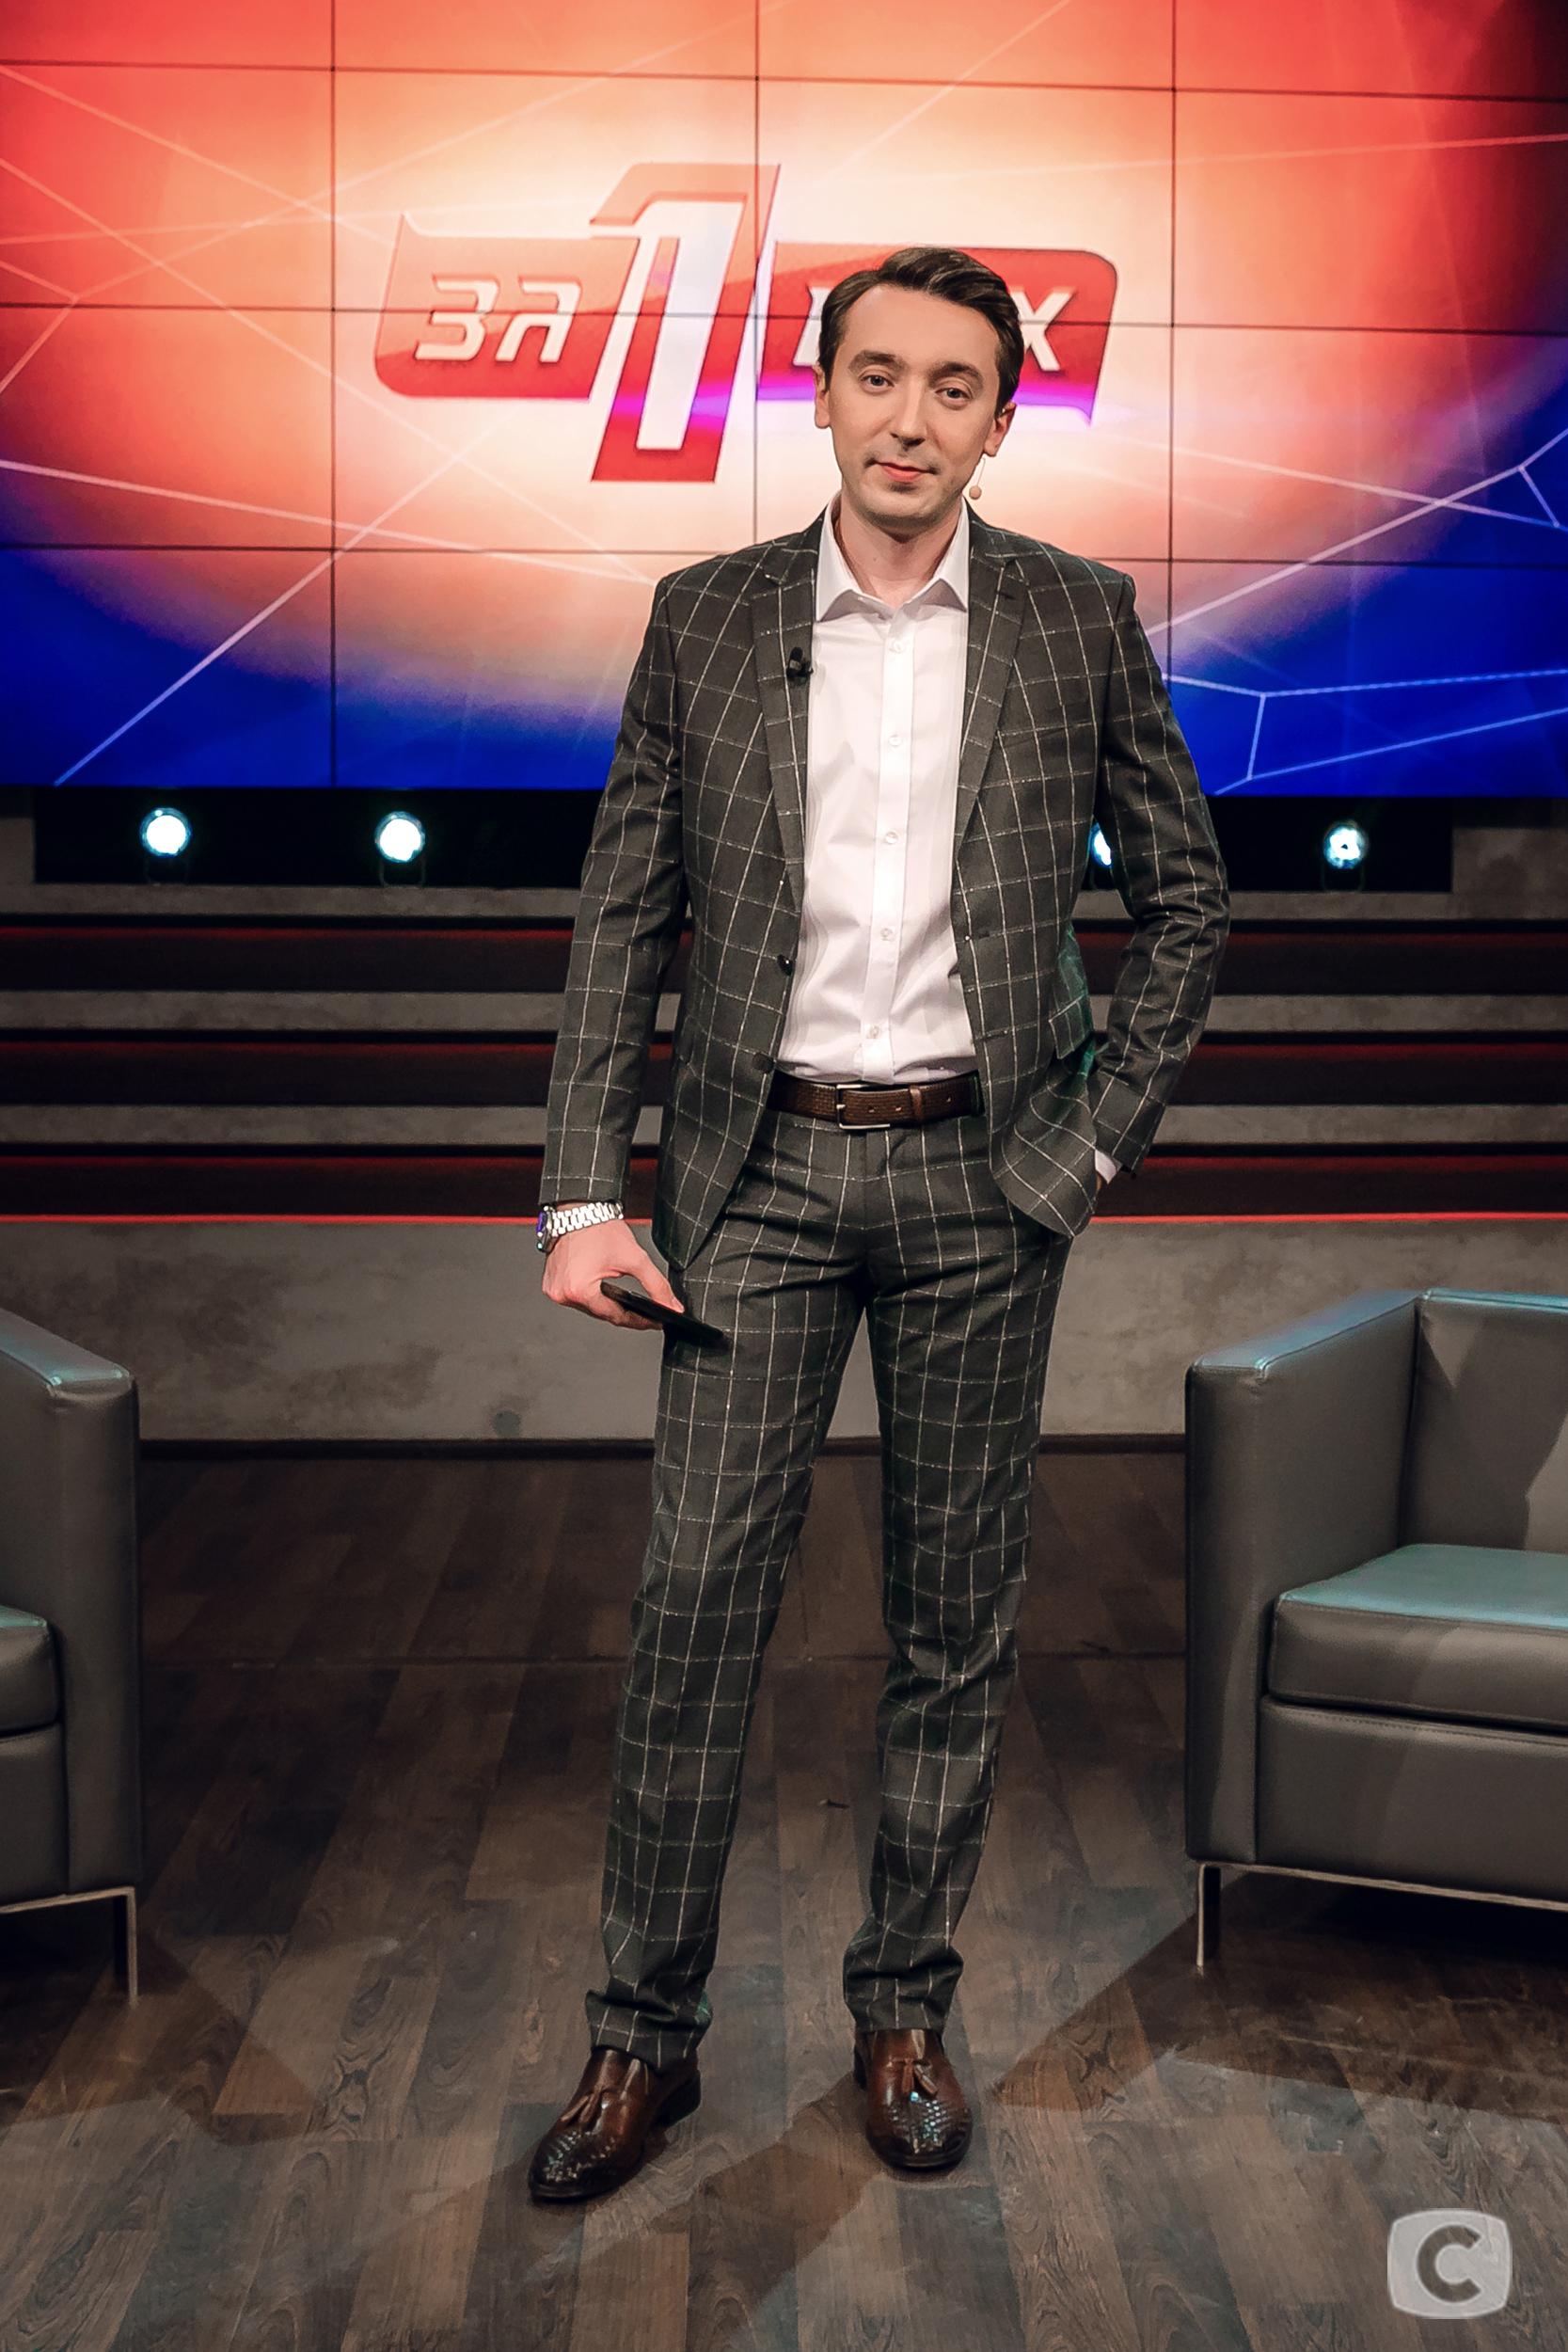 День рождения Михаила Присяжнюка: интересные факты о телеведущем